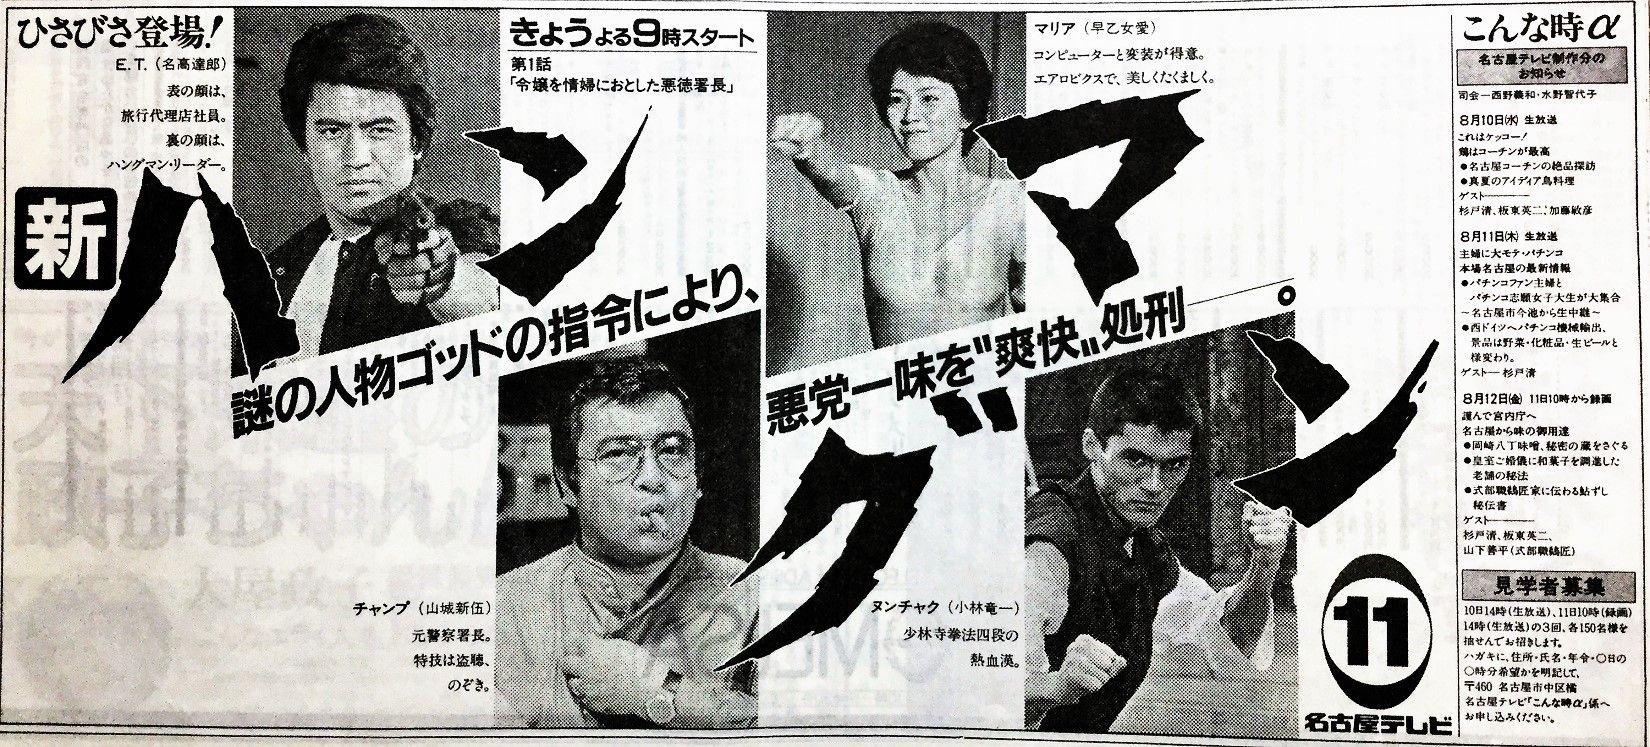 1983年7月29日新聞テレビ欄/新ハングマン : ヾ(*`Д´*)ノ´‵ 広告